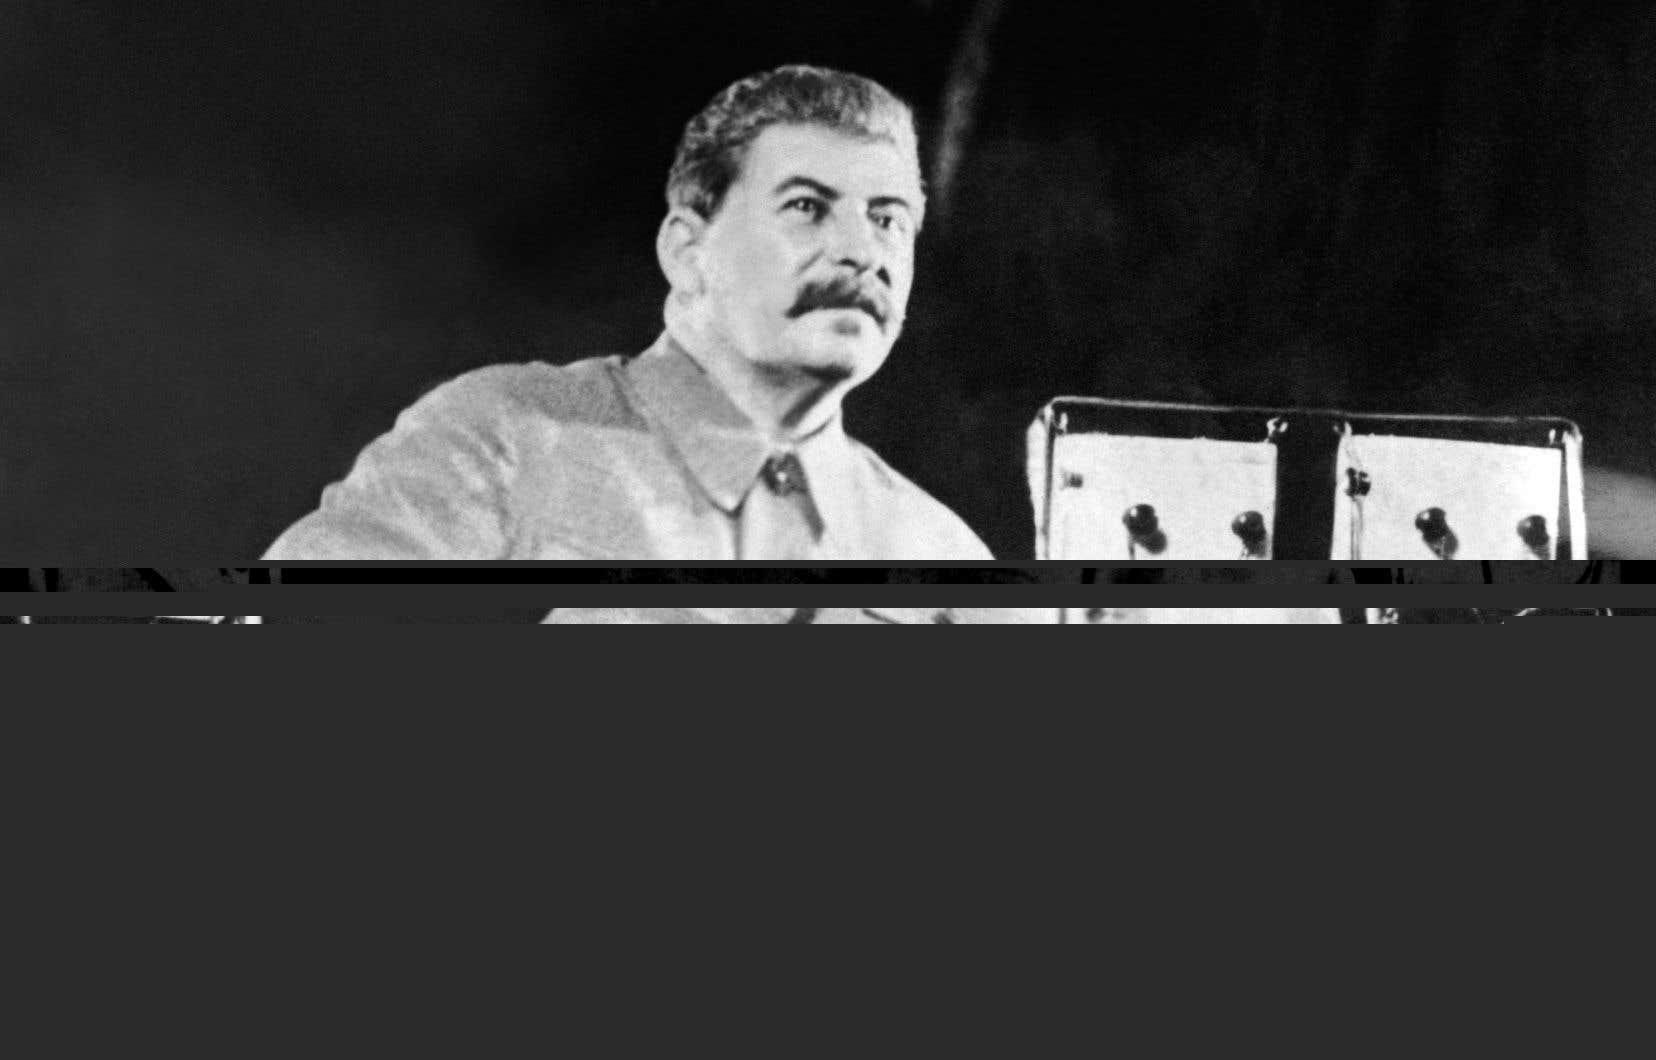 Il y a 80 ans, Staline, alors à la tête de l'URSS, décrétait ce qui allait devenait la Grande Terreur.